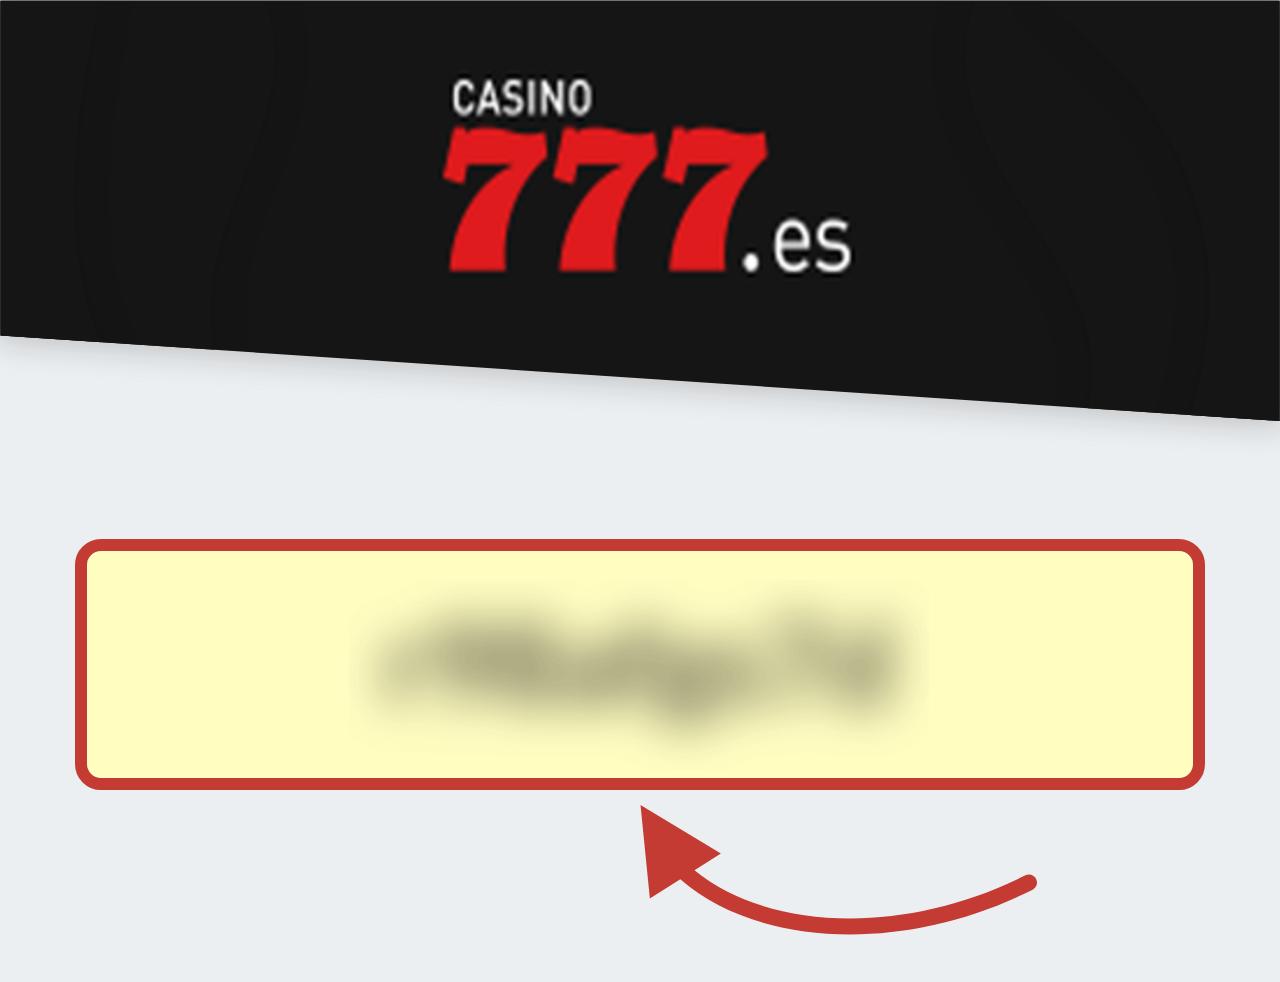 Casino777 Código Promocional